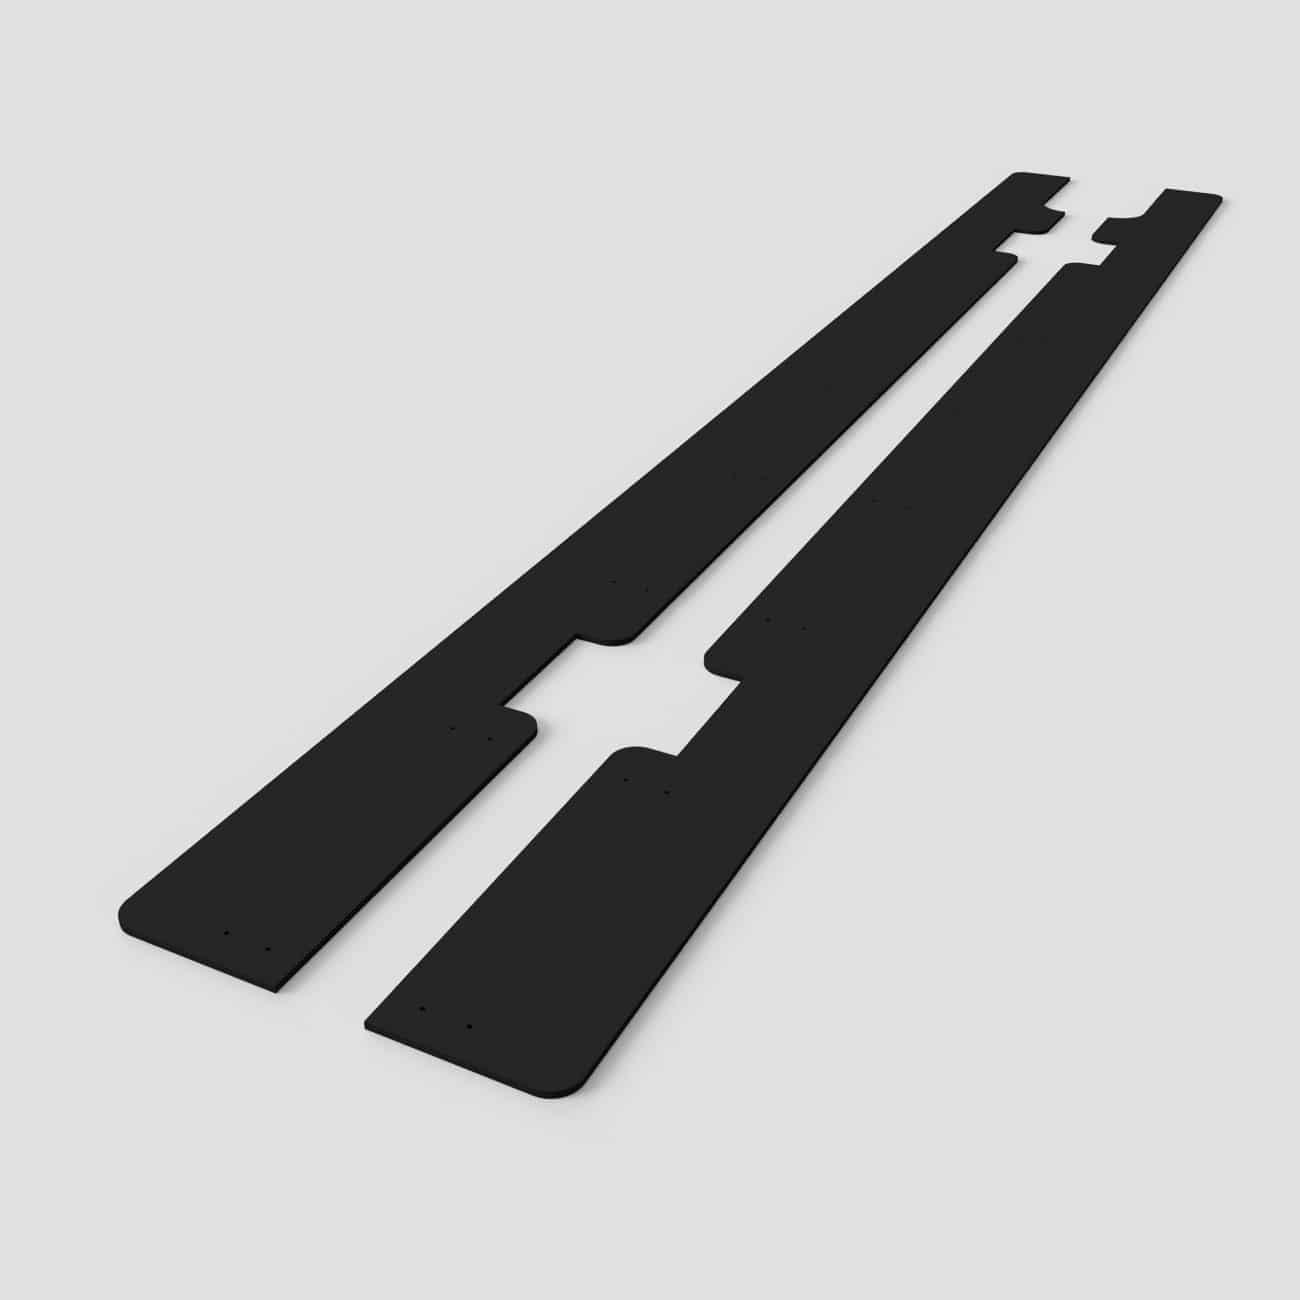 E46 M3 Sideskirt Splitter